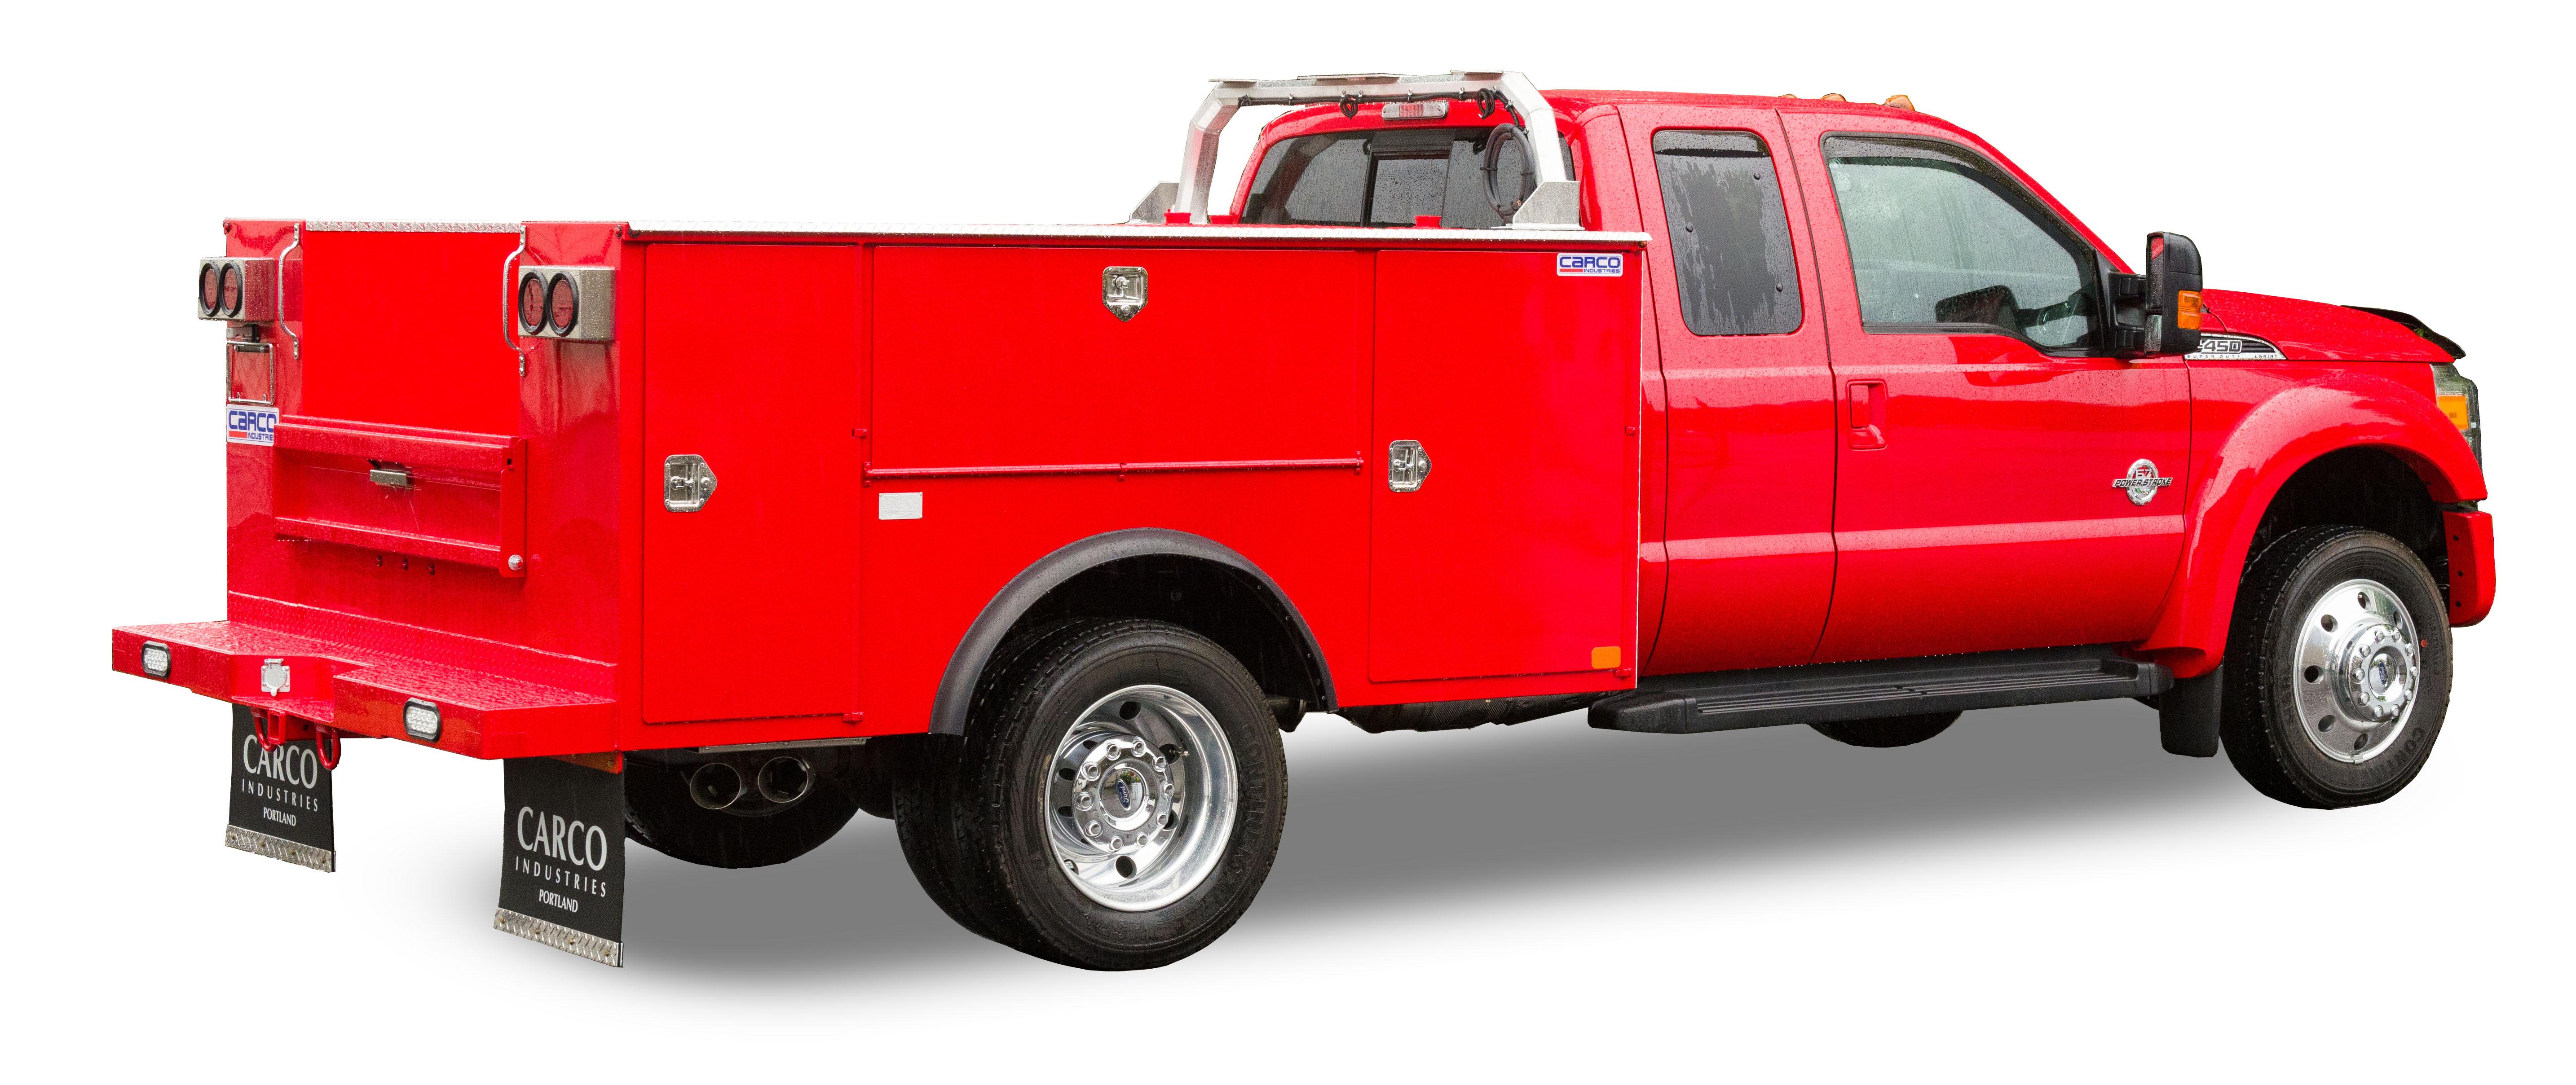 Service Truck Bodies